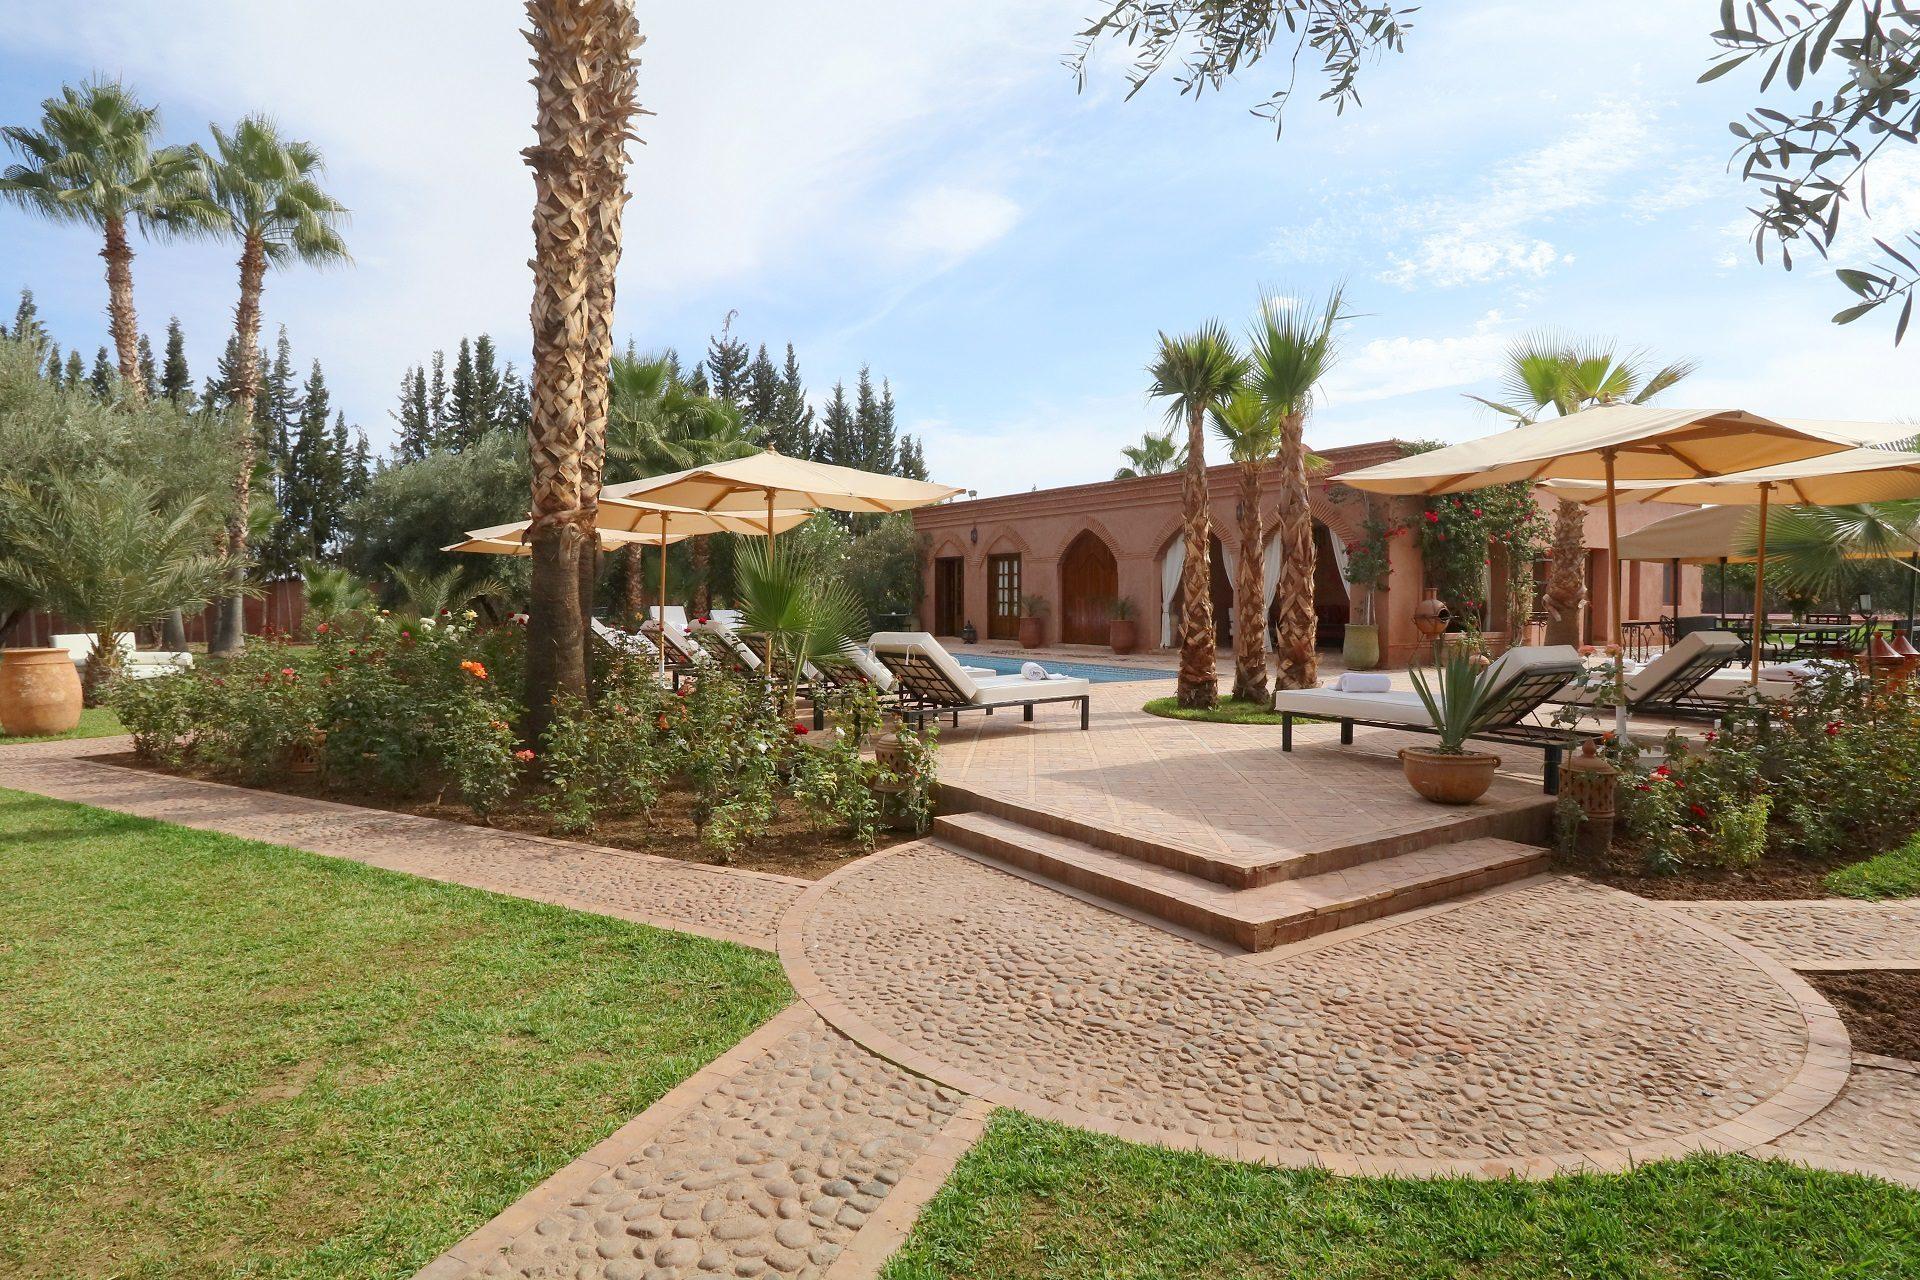 Bienvenue sur le site Villa Sophia